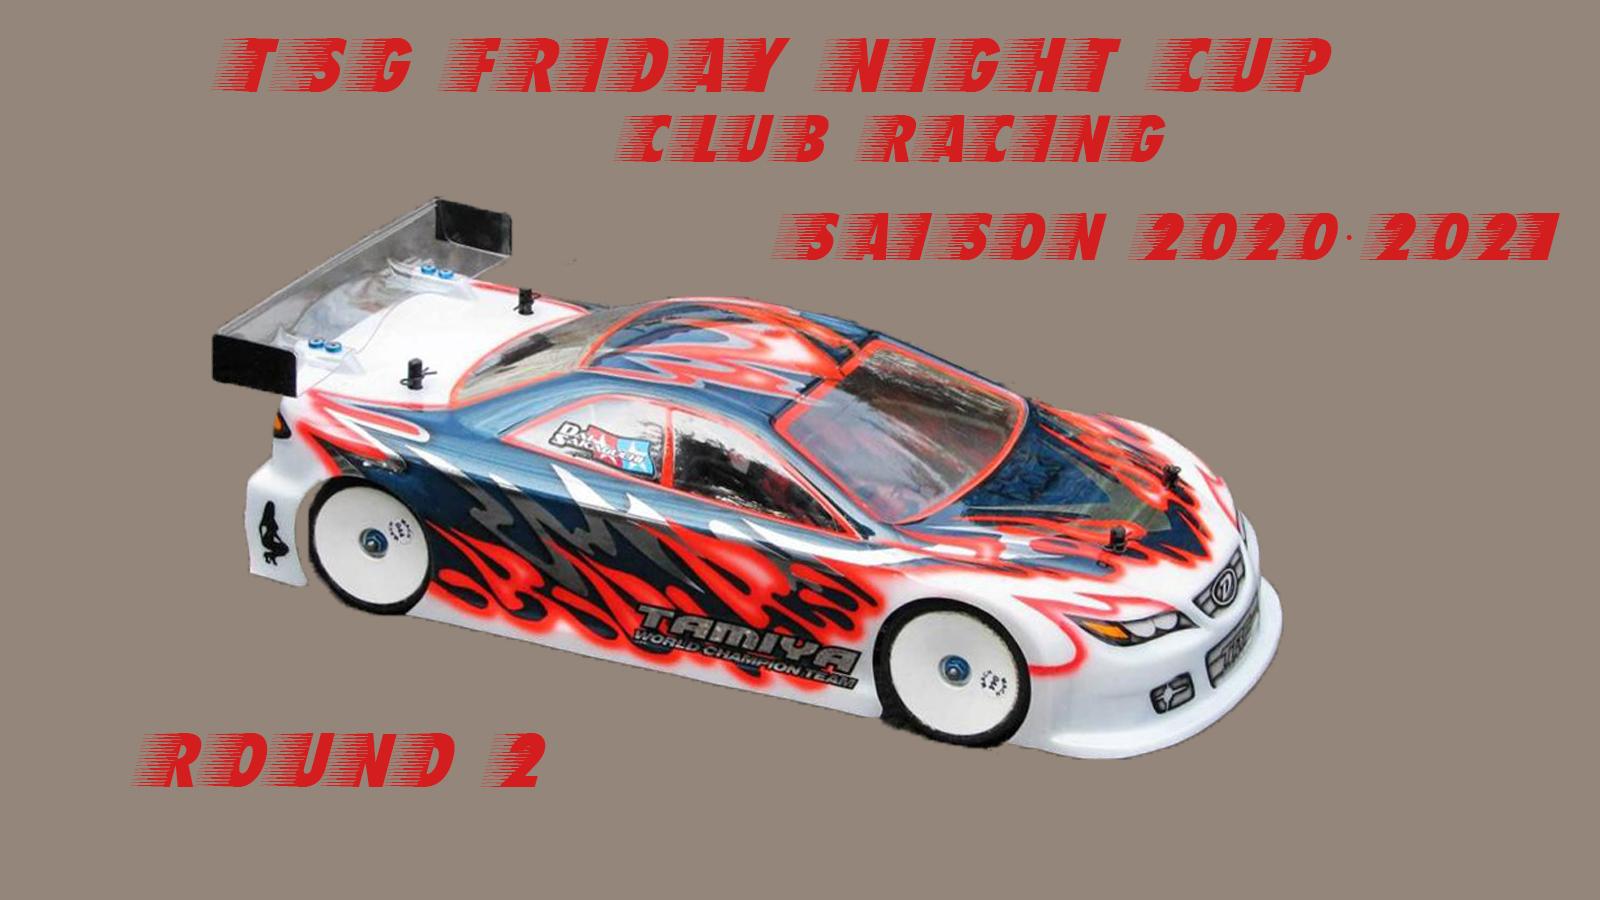 Zweite Runde des TSG Friday Night Cup bereits am 30. Oktober 2020